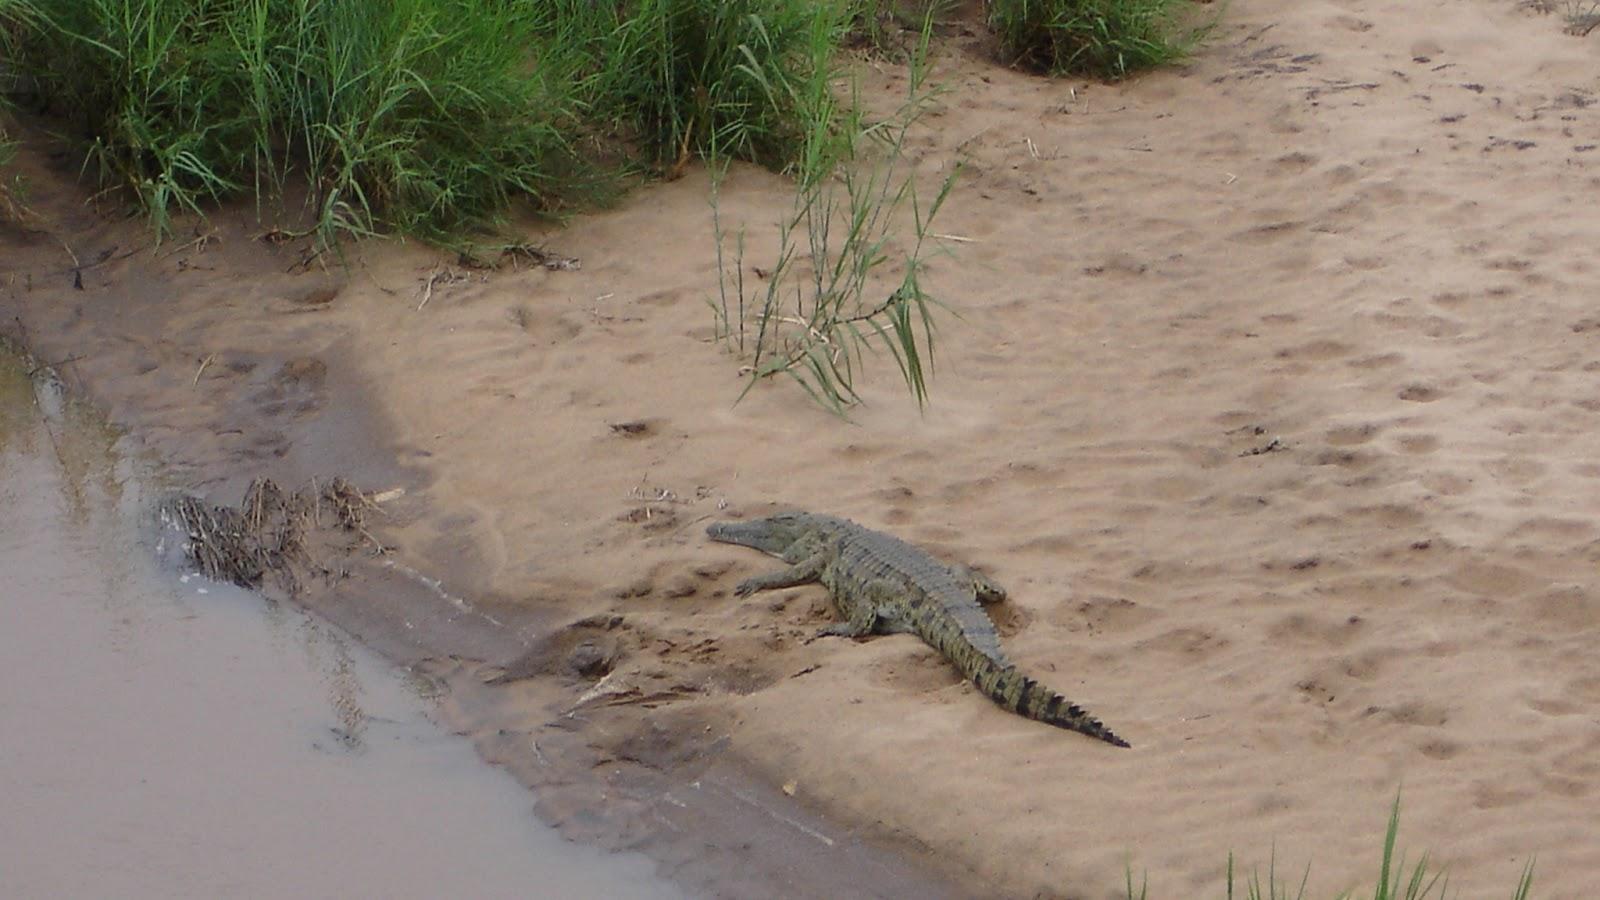 crocodile kruger park